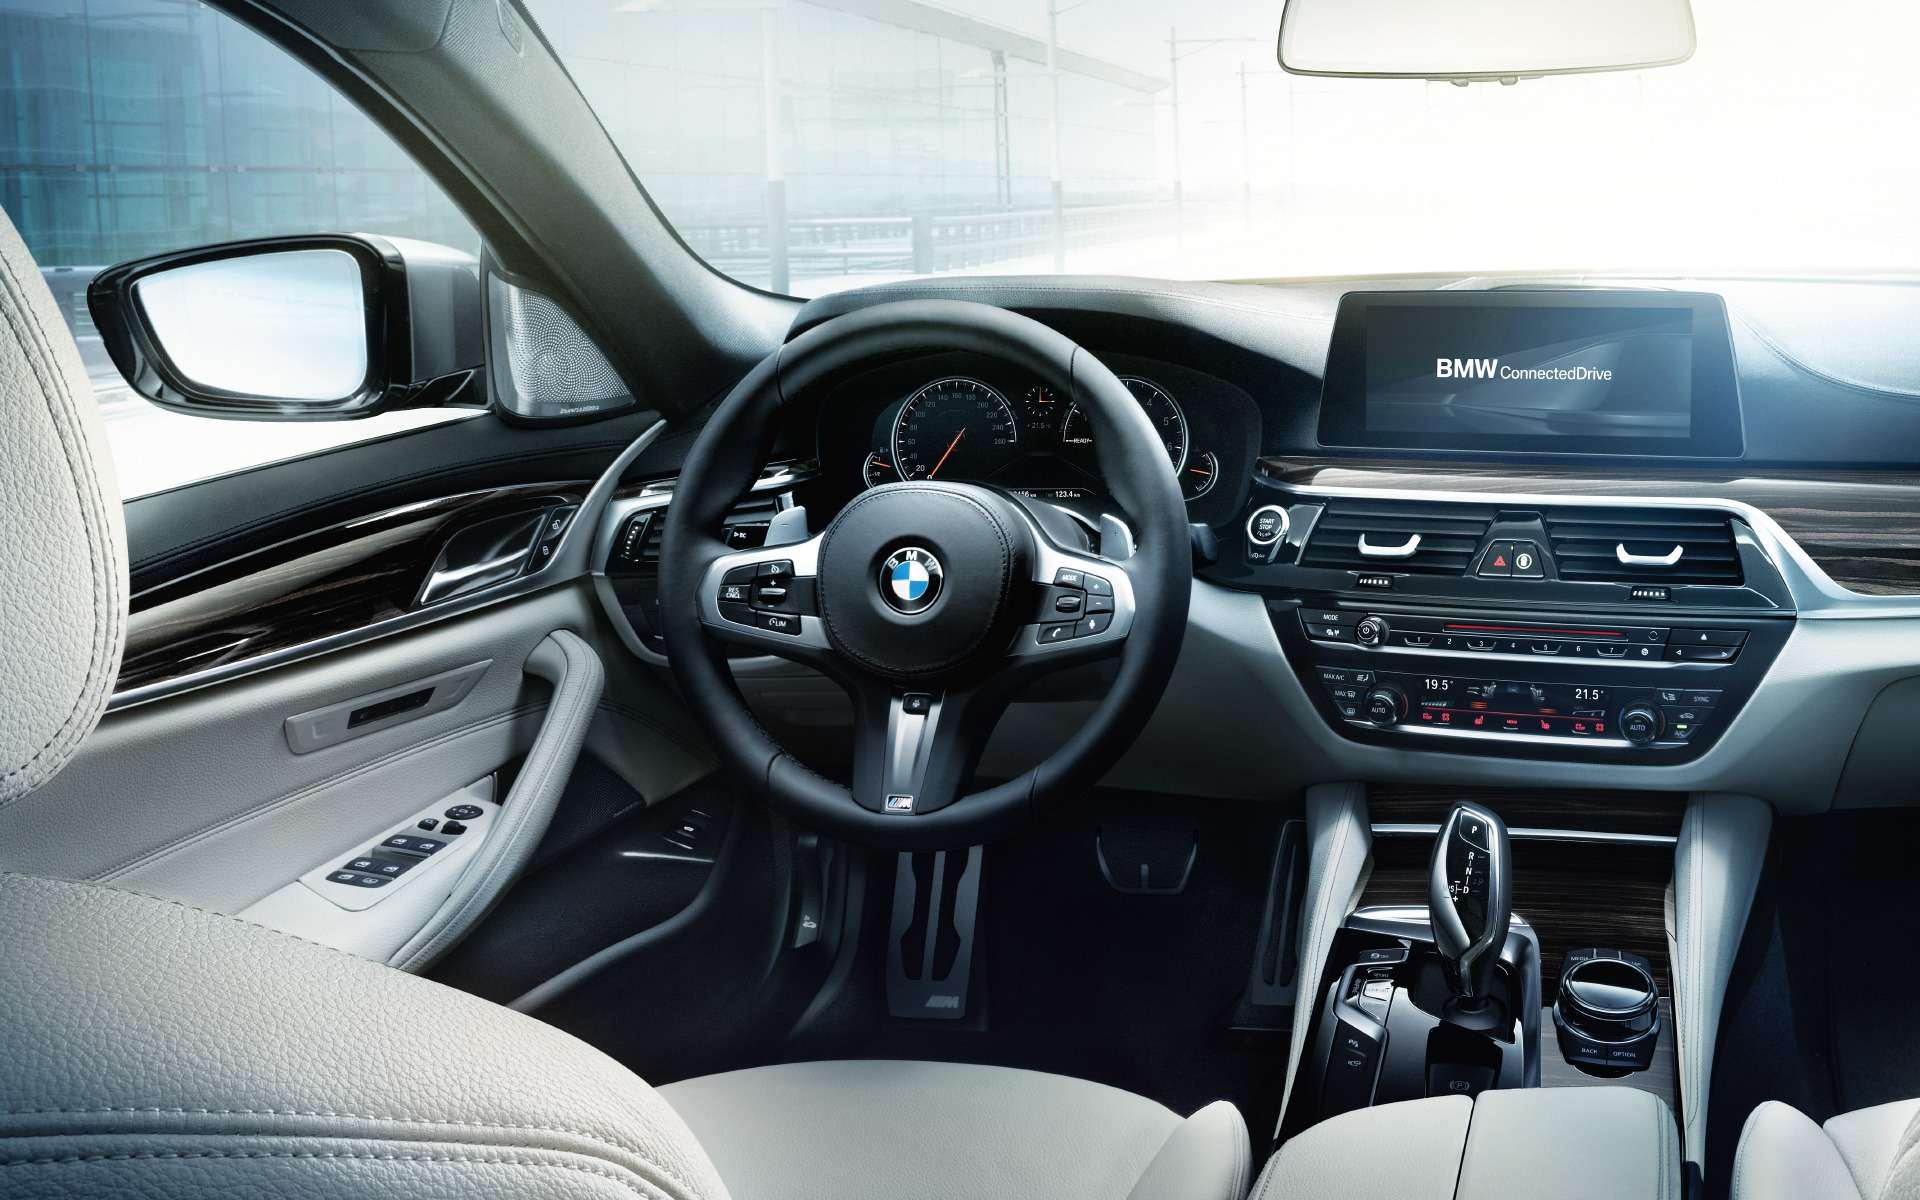 BMWне станет прекращать поставки машин из-за ЭРА-ГЛОНАСС— фото 694172